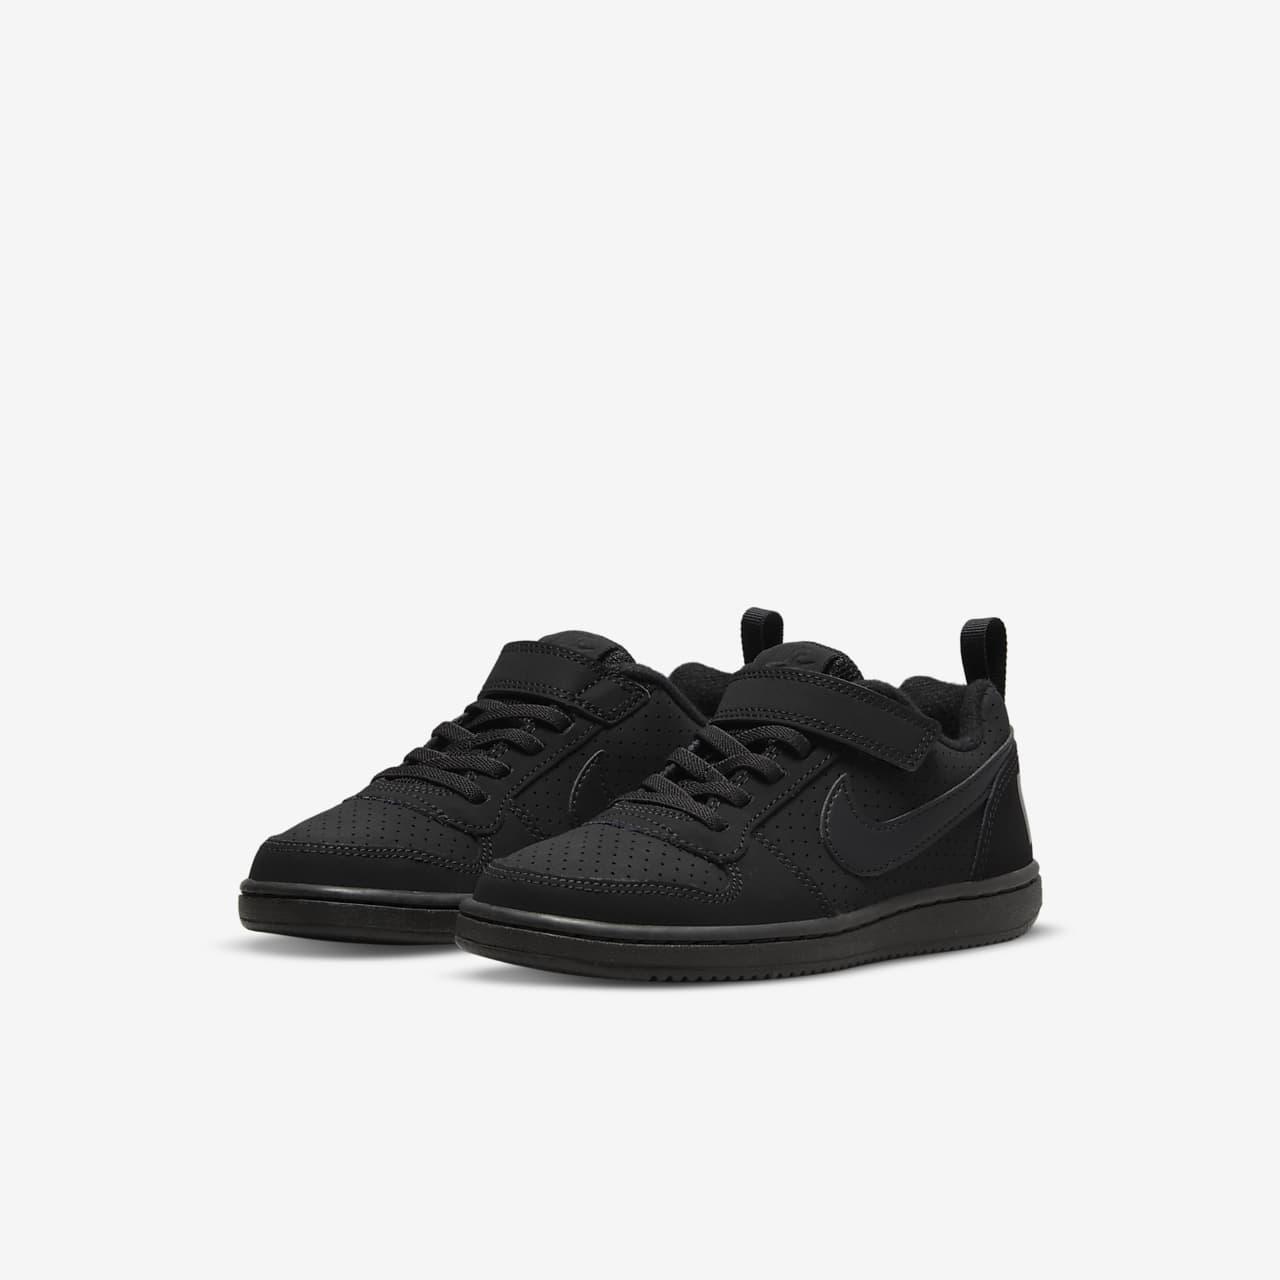 819f35d9377 NikeCourt Borough Low - sko til små børn. Nike.com DK